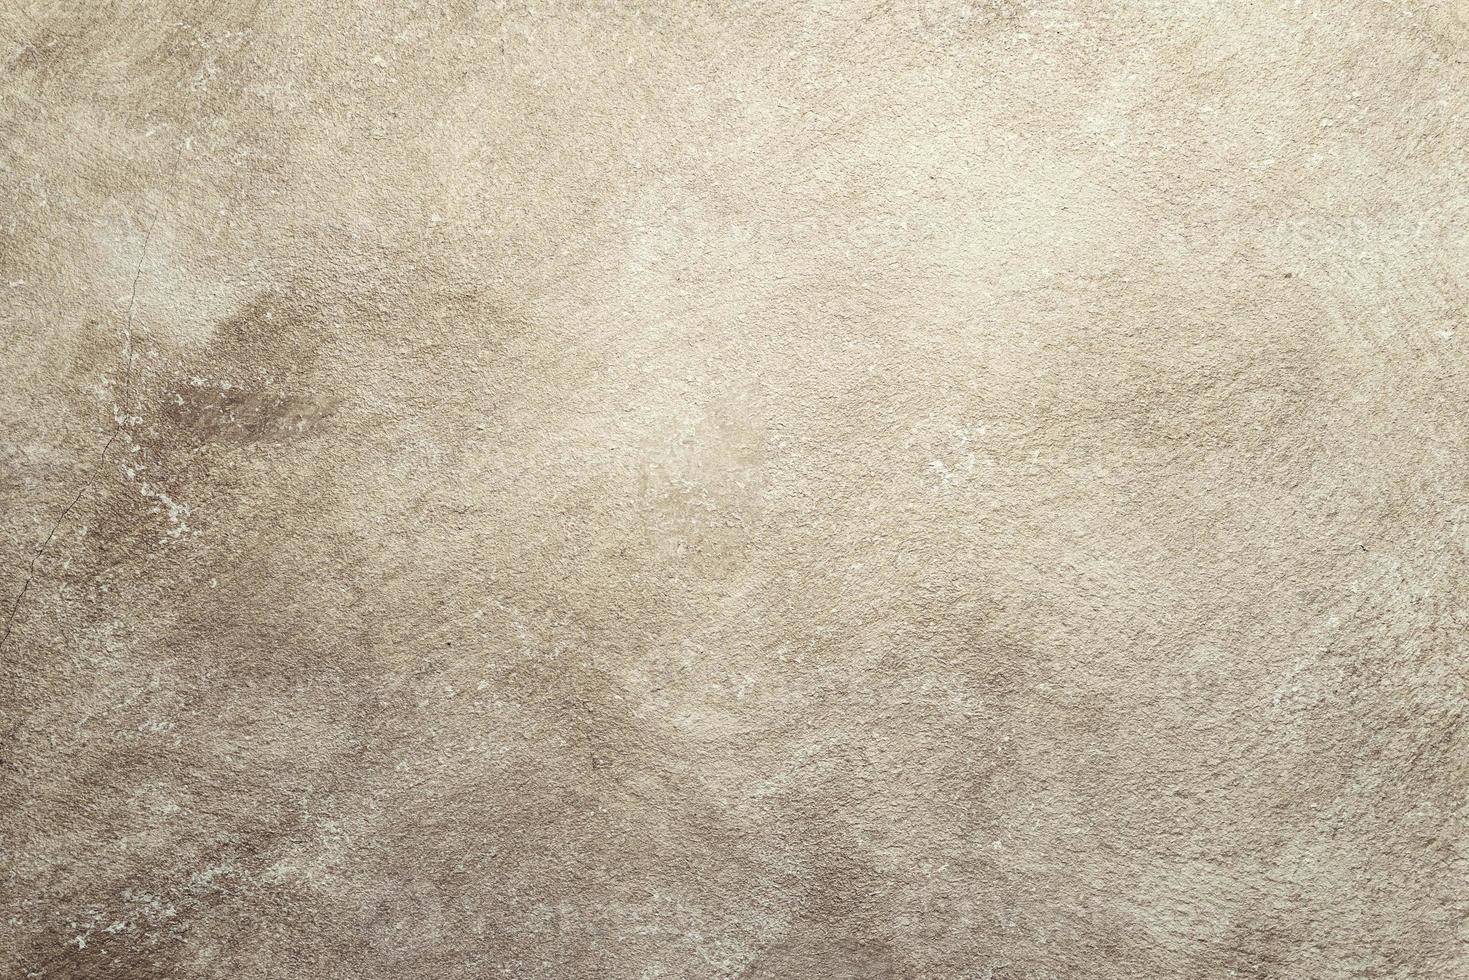 fundo de parede neutra abstrata de rocha foto